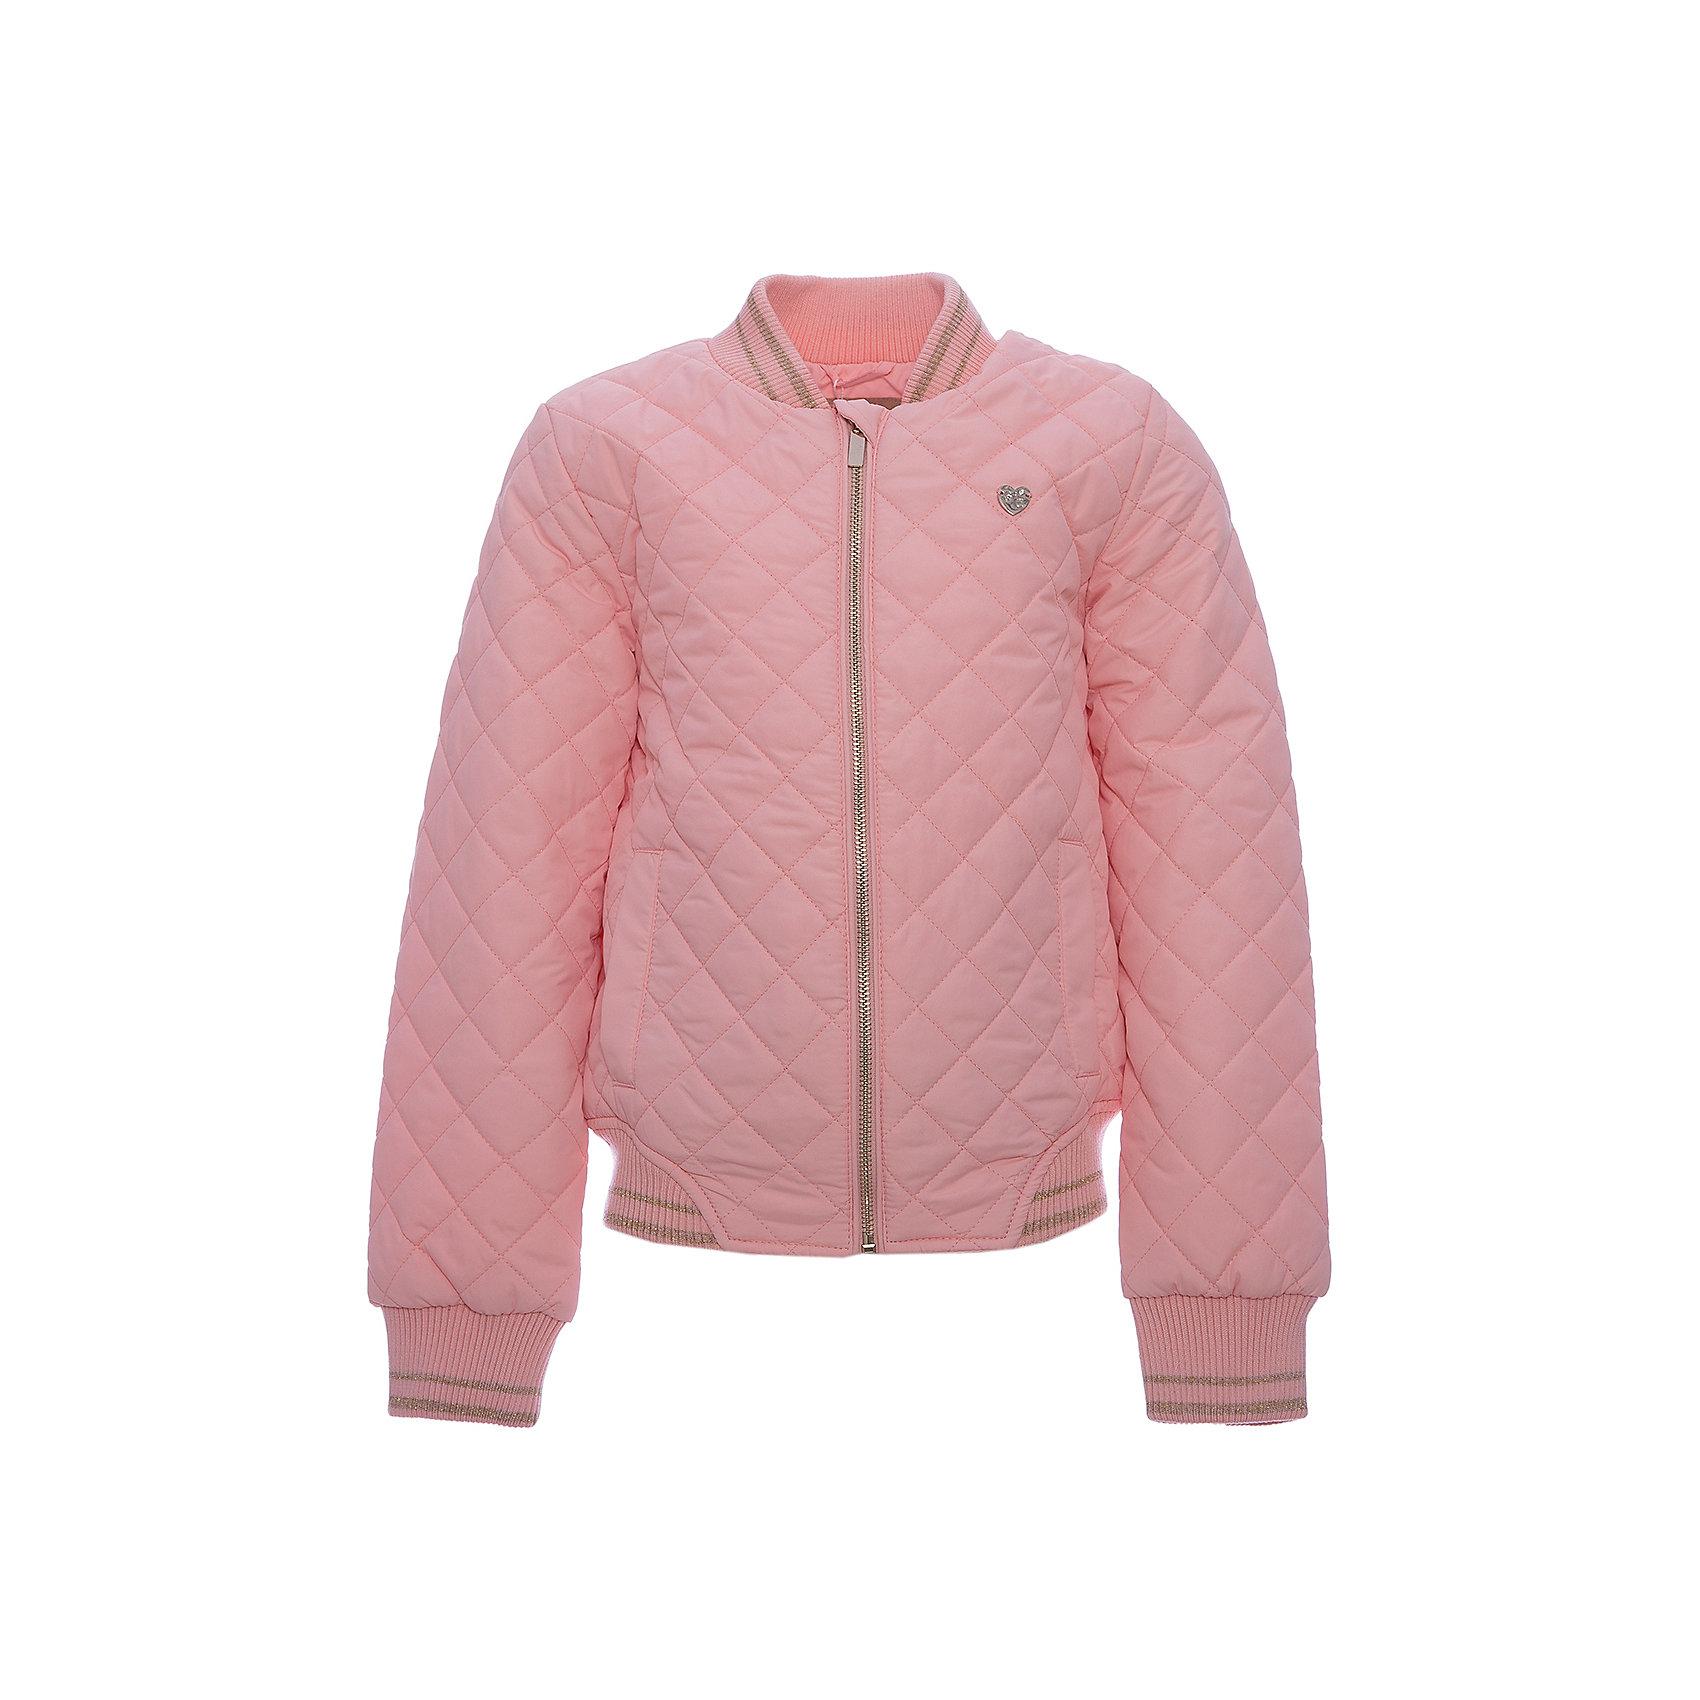 Куртка для девочки ScoolКуртка для девочки Scool<br>Практичная стильная стеганая куртка со специальной водоотталкивающей пропиткой  - прекрасное решение для прохладной погоды. Мягкие трикотажные резинки на рукавах защитят Вашего ребенка - ветер не сможет проникнуть под куртку. Специальный карман для фиксации застежки-молнии не позволит застежке травмировать нежную кожу ребенка.Преимущества: Водоооталкивающая пропиткаСветооражатель<br>Состав:<br>Верх: 100% полиэстер, подкладка: 60% полиэстер, 40% хлопок, наполнитель: 100% полиэстер, 80 г/м2<br><br>Ширина мм: 356<br>Глубина мм: 10<br>Высота мм: 245<br>Вес г: 519<br>Цвет: светло-розовый<br>Возраст от месяцев: 156<br>Возраст до месяцев: 168<br>Пол: Женский<br>Возраст: Детский<br>Размер: 140,146,152,164,158,134<br>SKU: 5406994